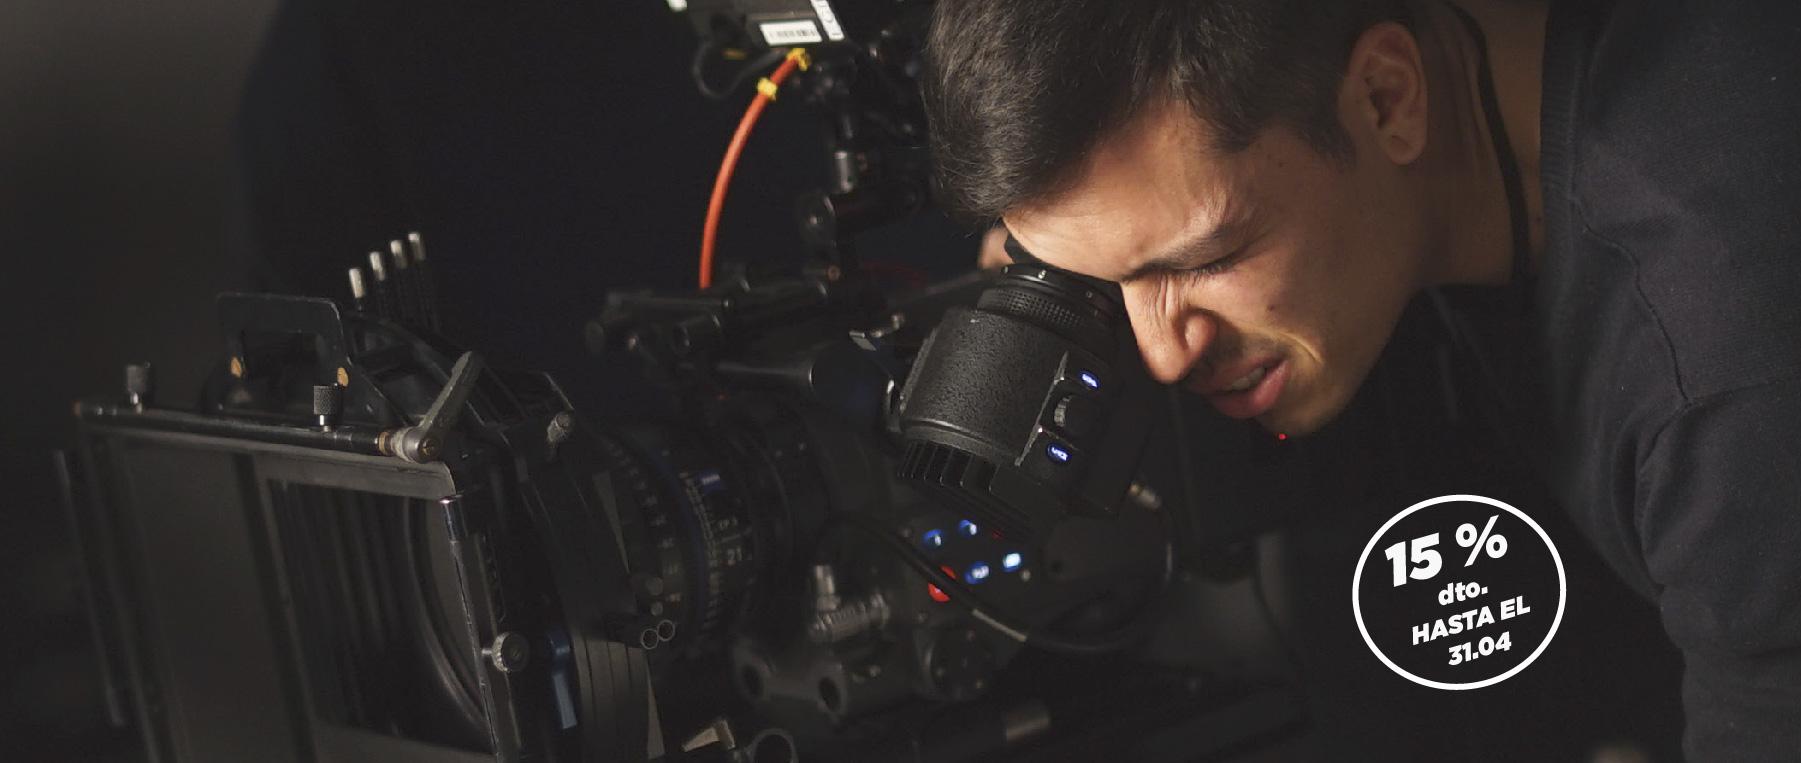 Máster en Dirección de fotografía